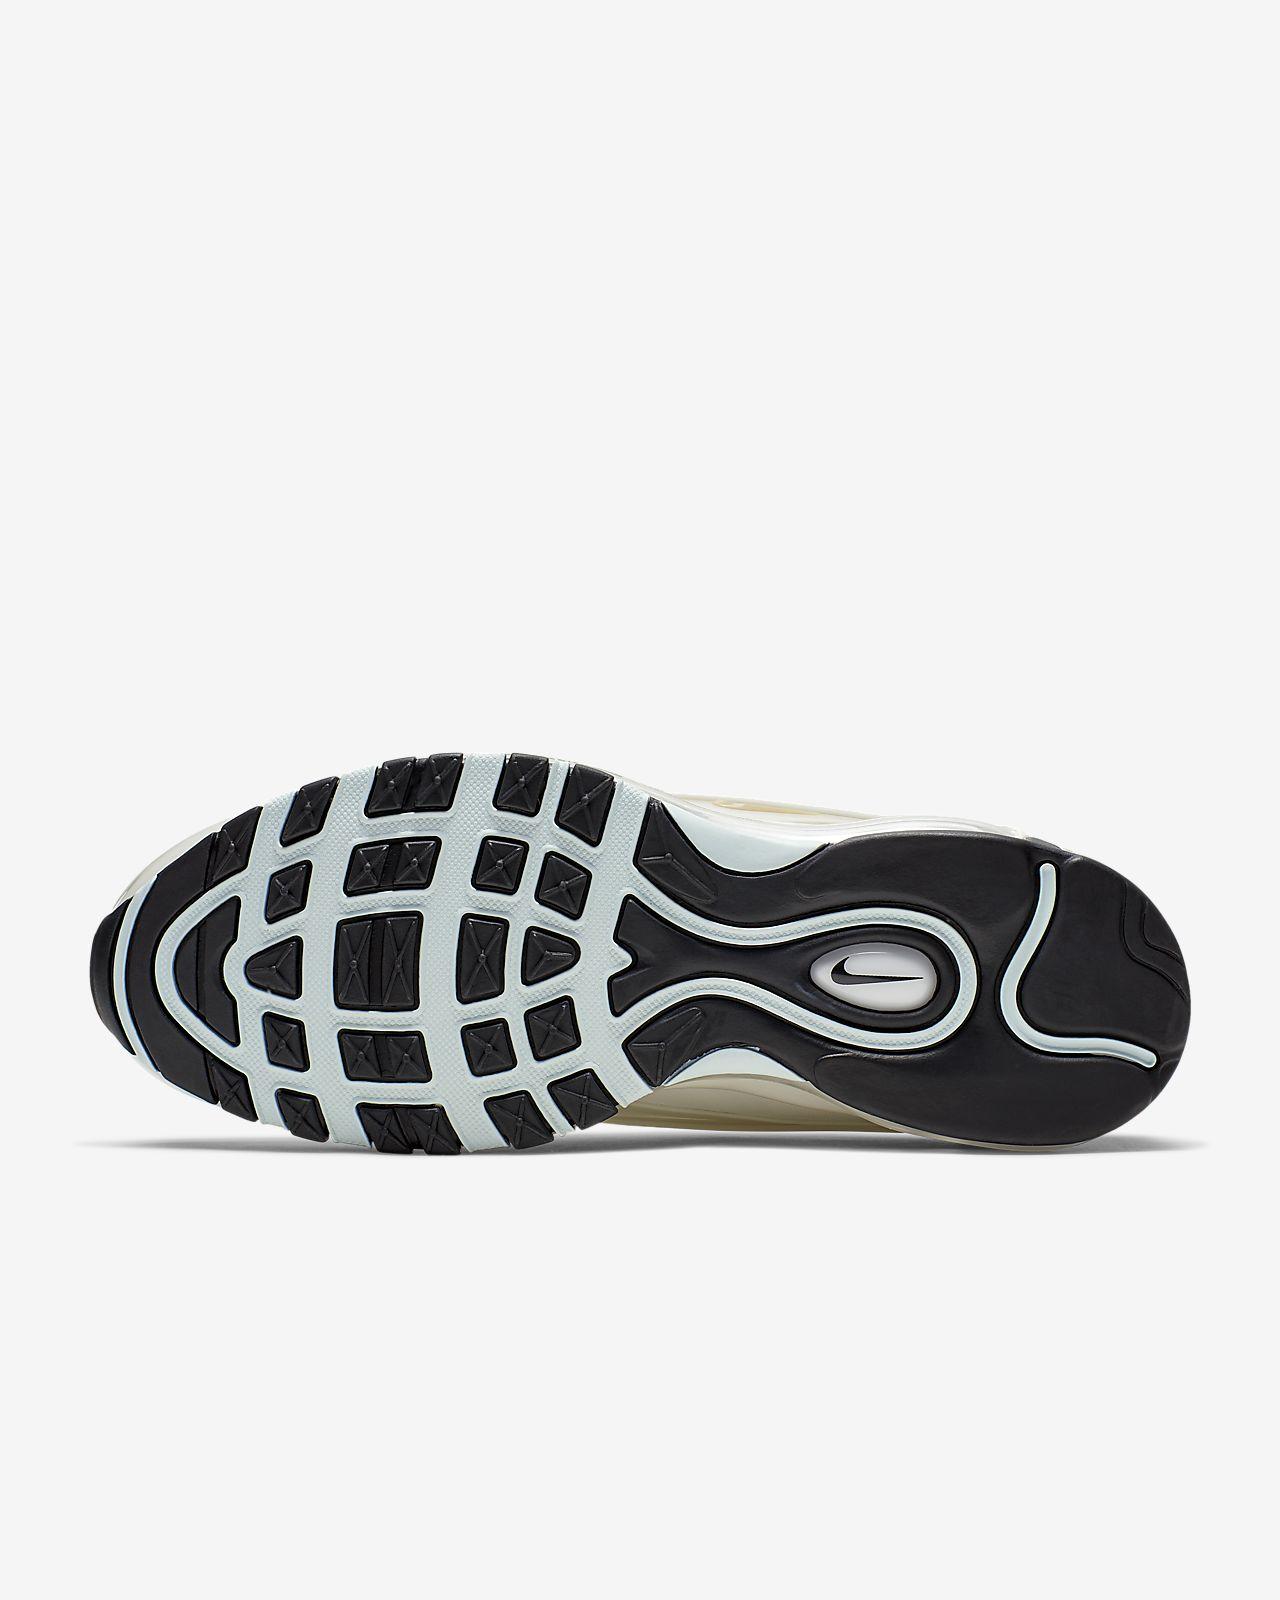 best website 48a44 1d560 ... Sko Nike Air Max Deluxe SE för män